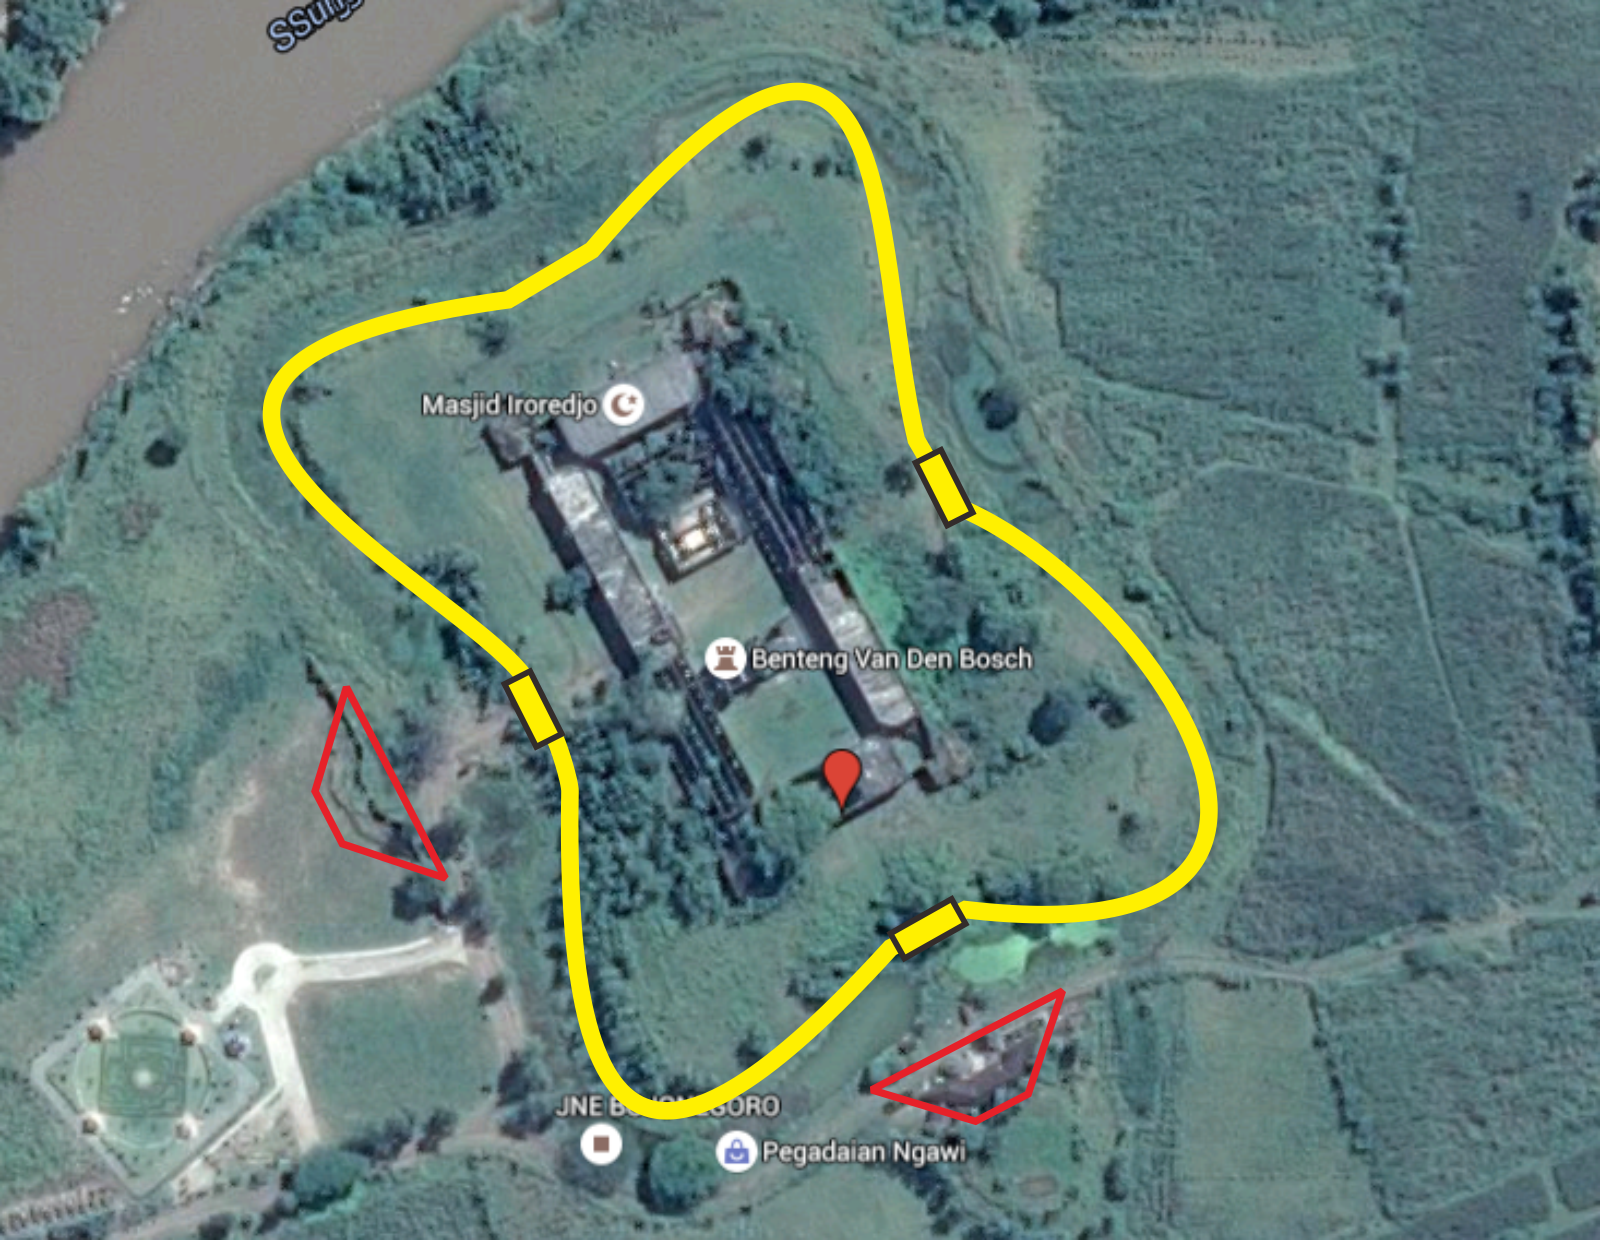 Jejak Kolonial Mengintip Keperkasaan Benteng Van Den Bosch Ngawi Citra